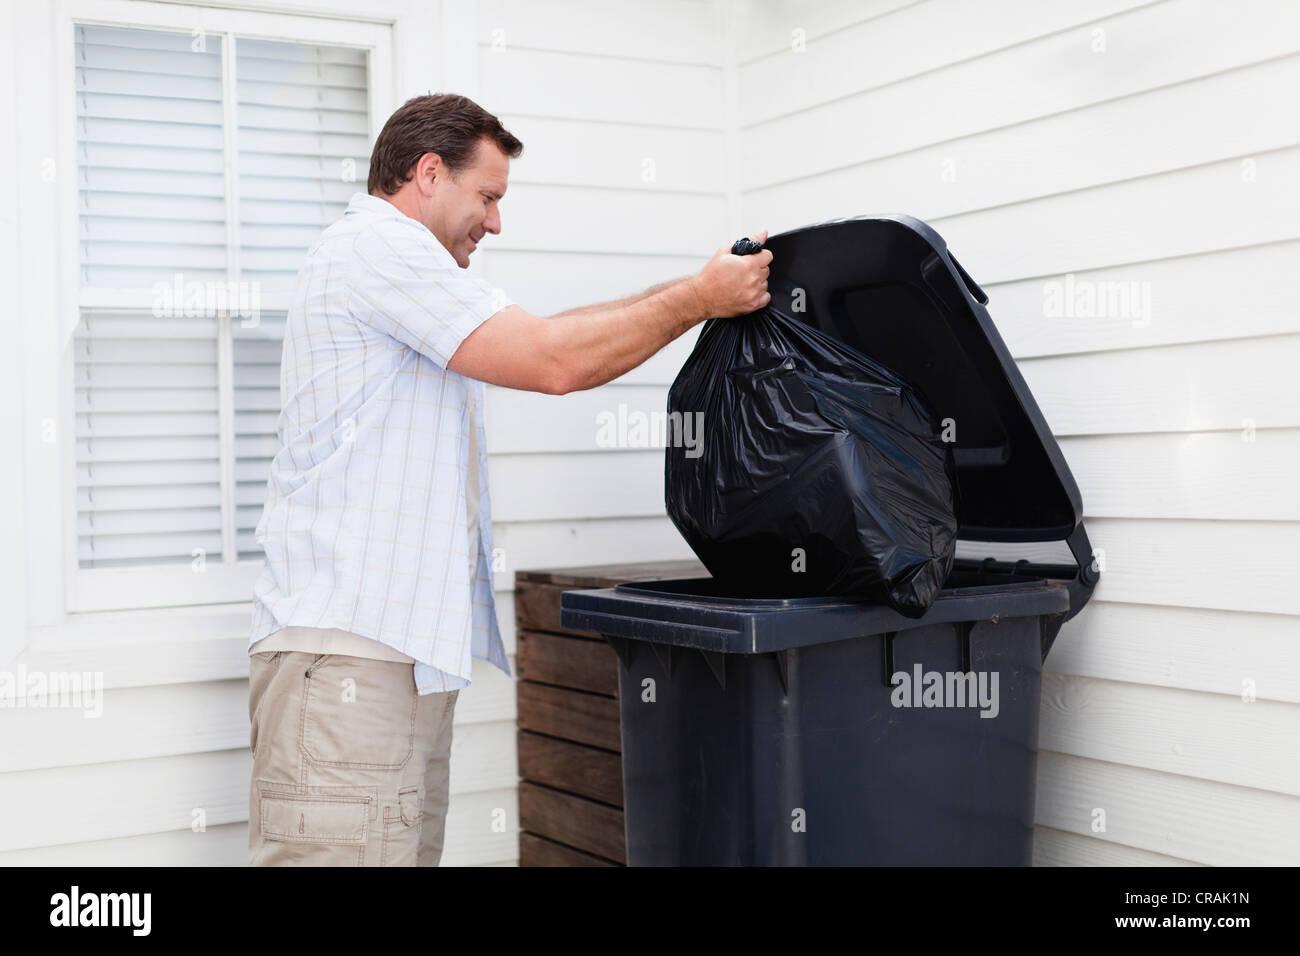 Man taking out garbage - Stock Image